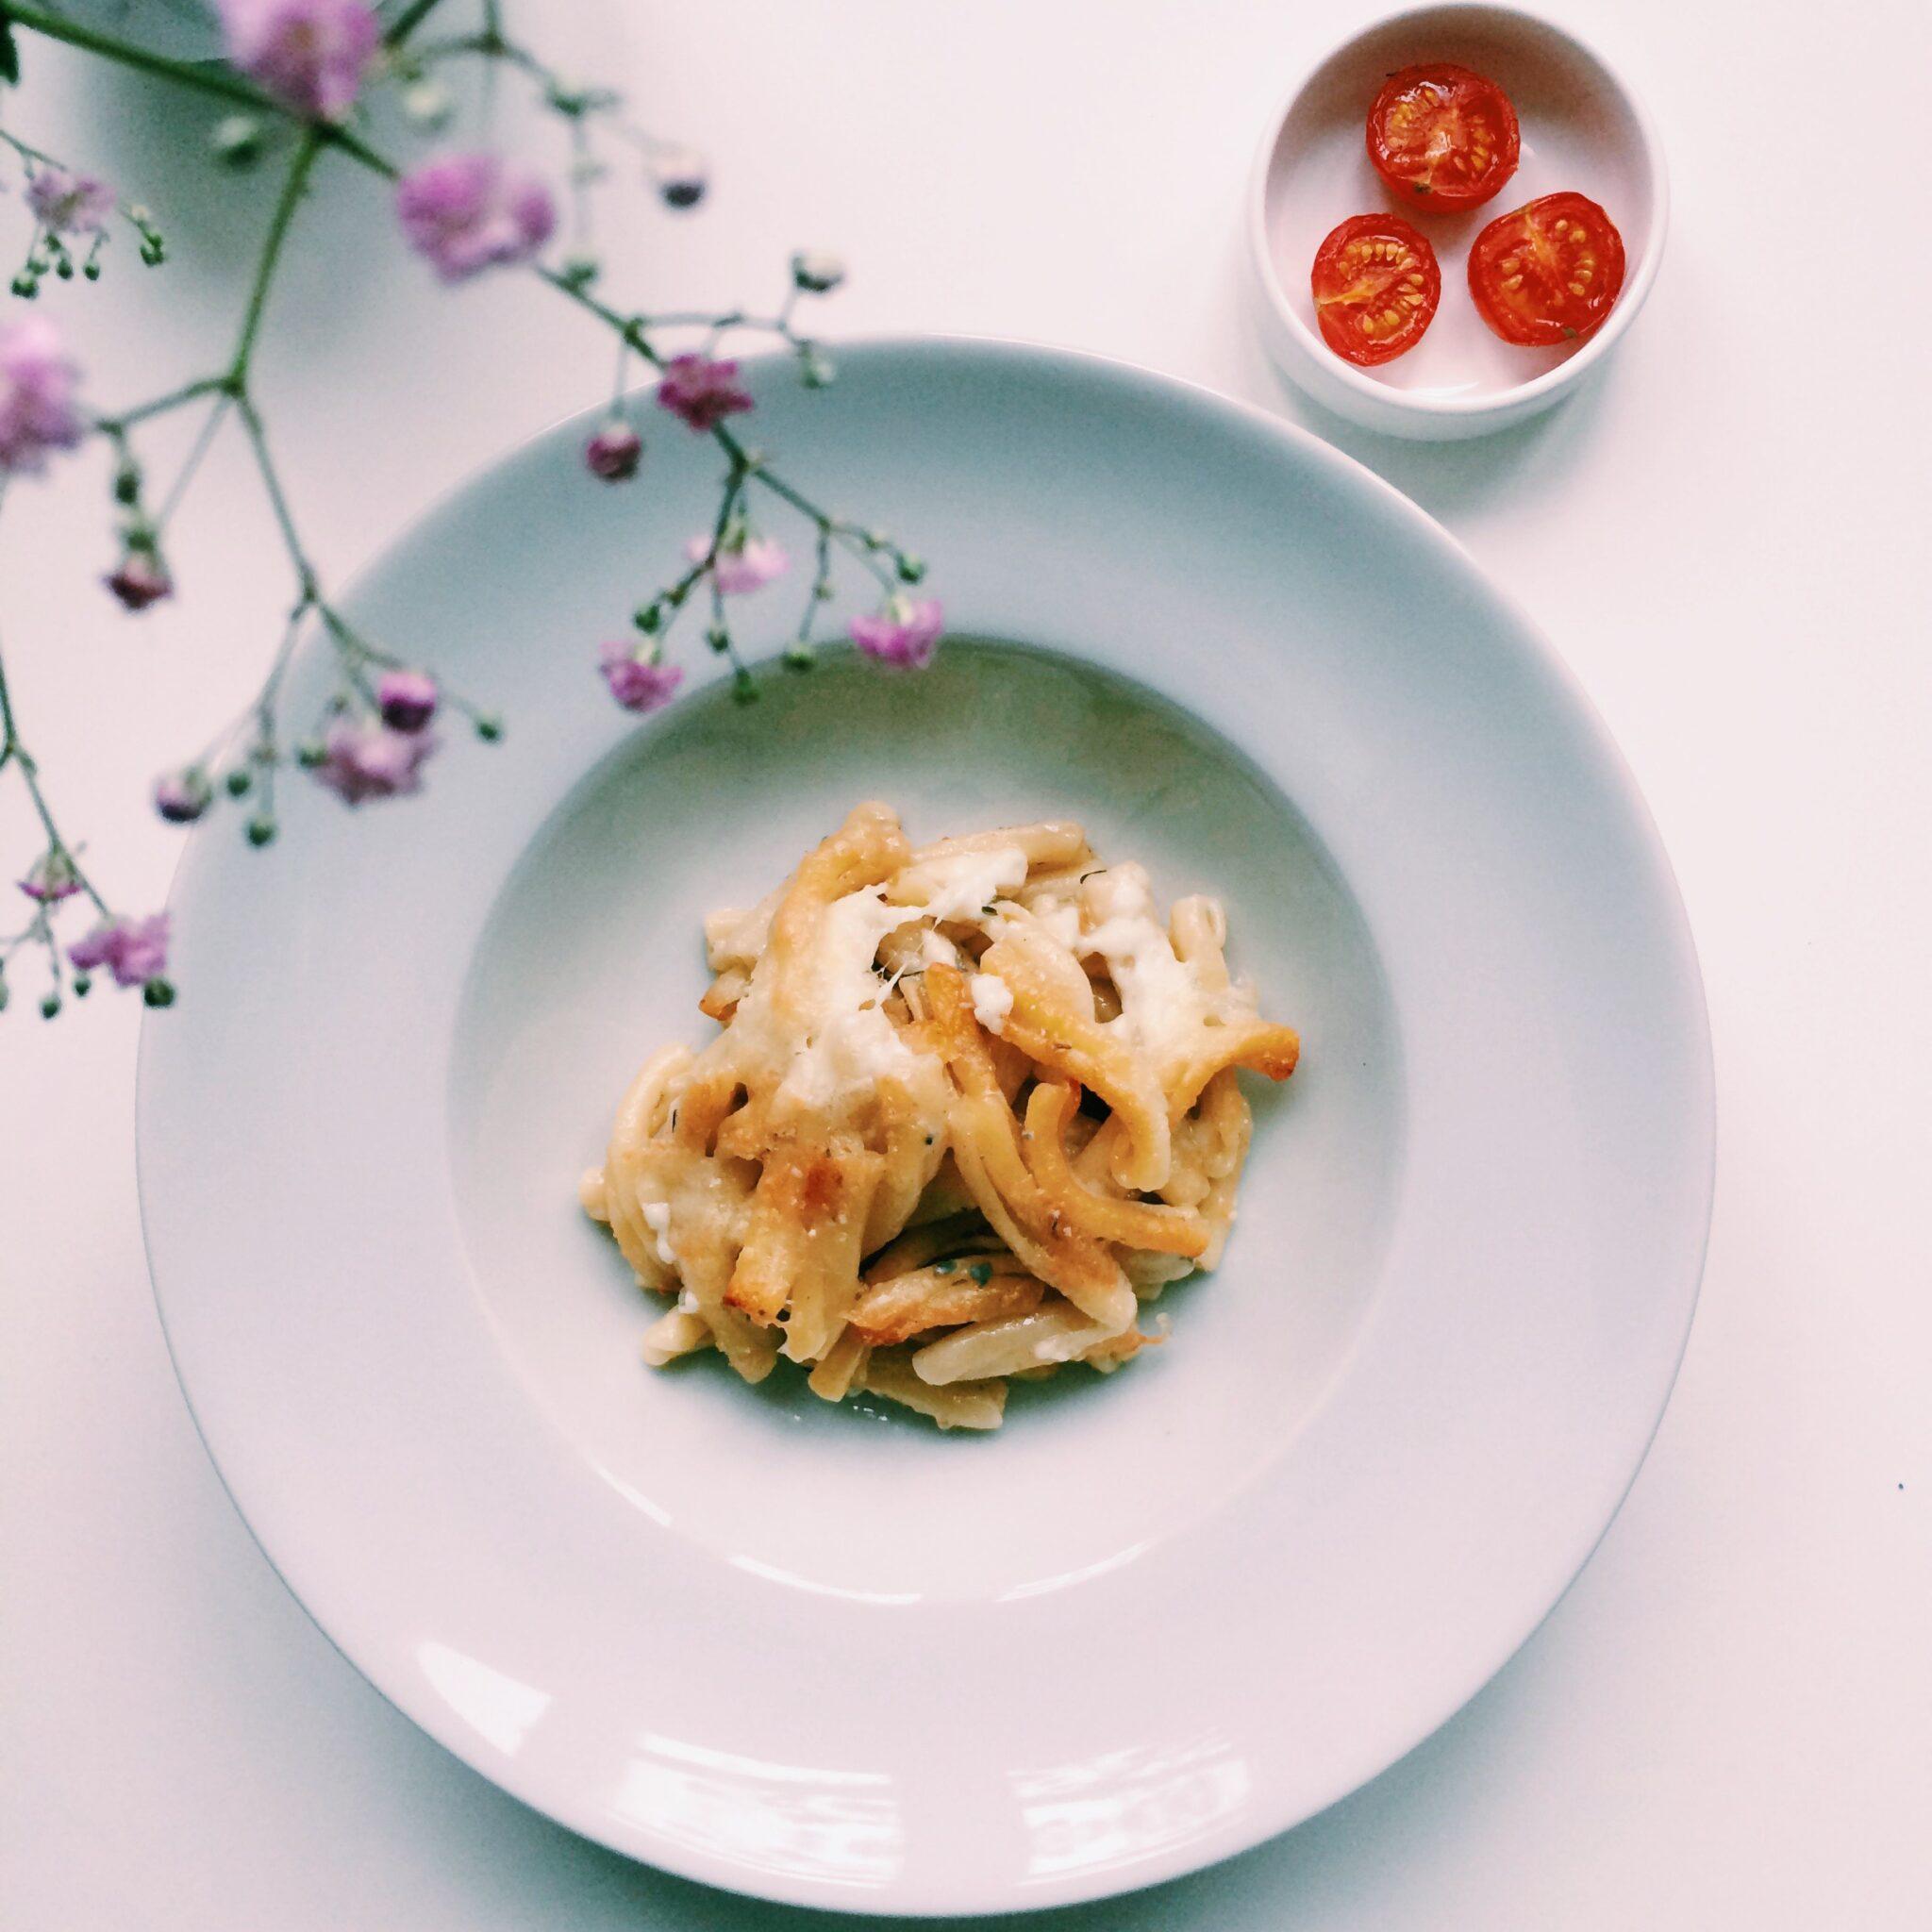 IMG 0568 e1406325039380 - Tijd voor quattro formaggi pasta al forno